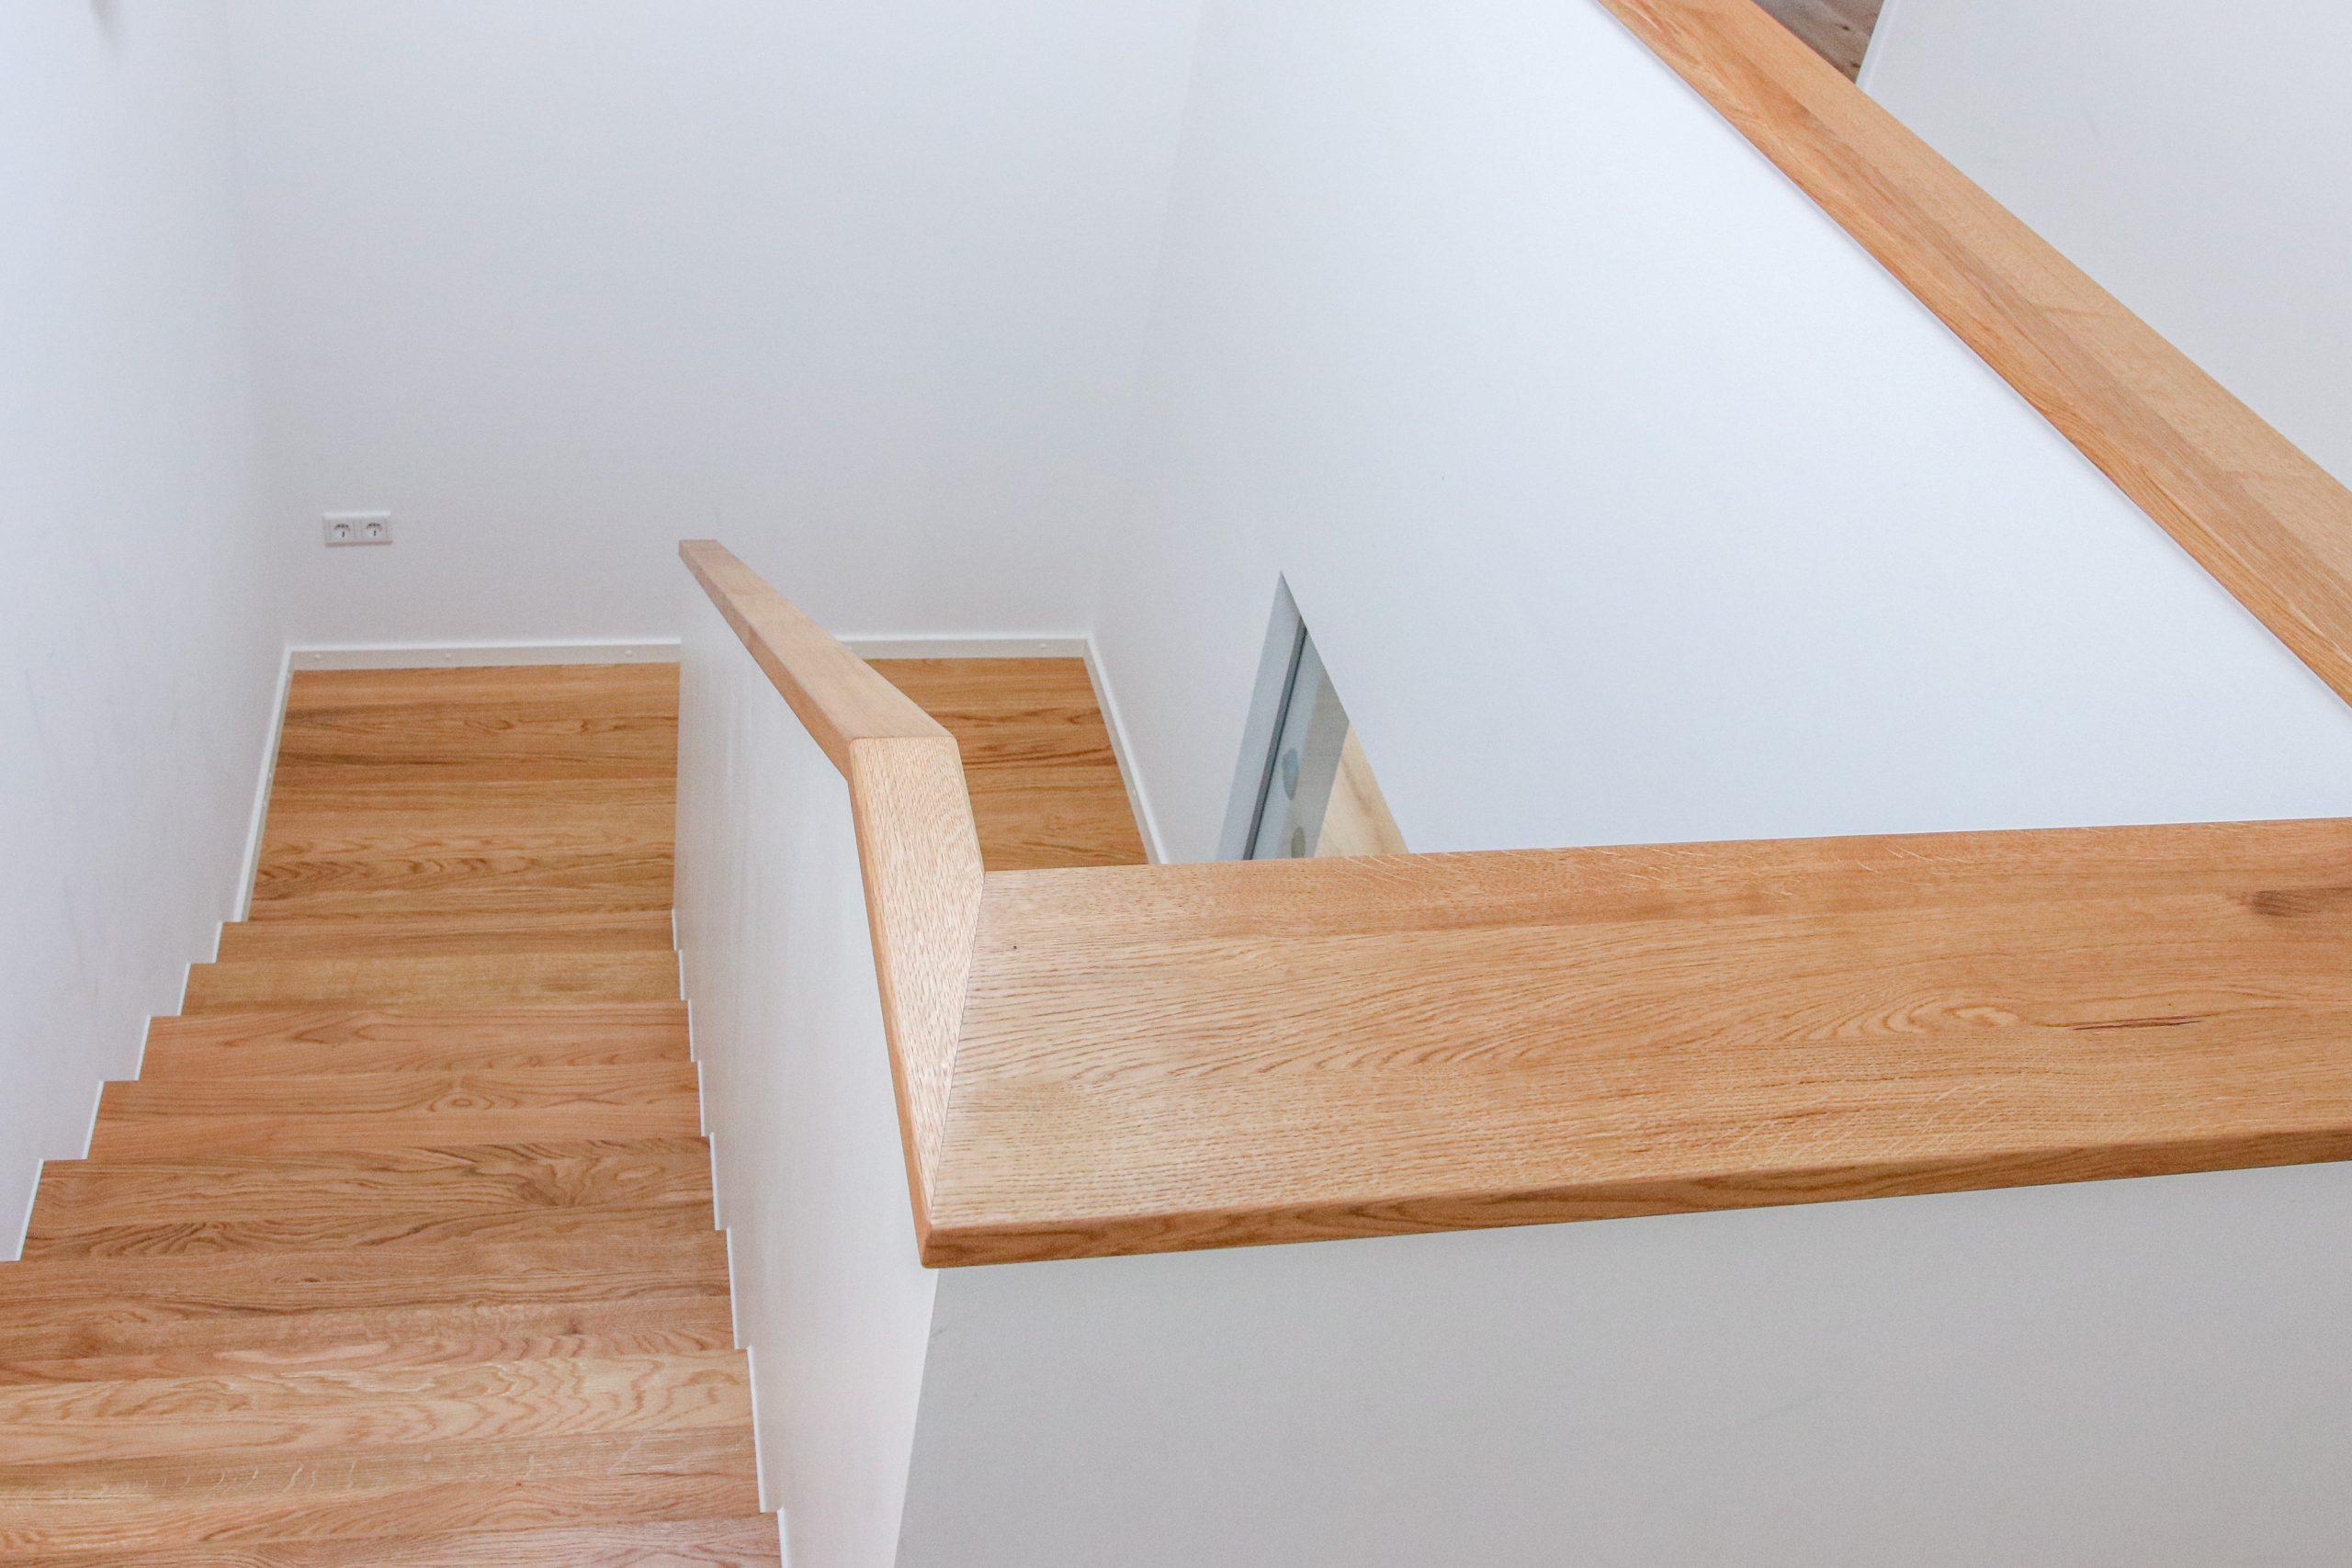 Treppe Faltwerk-Design auf Beton-Grundlage